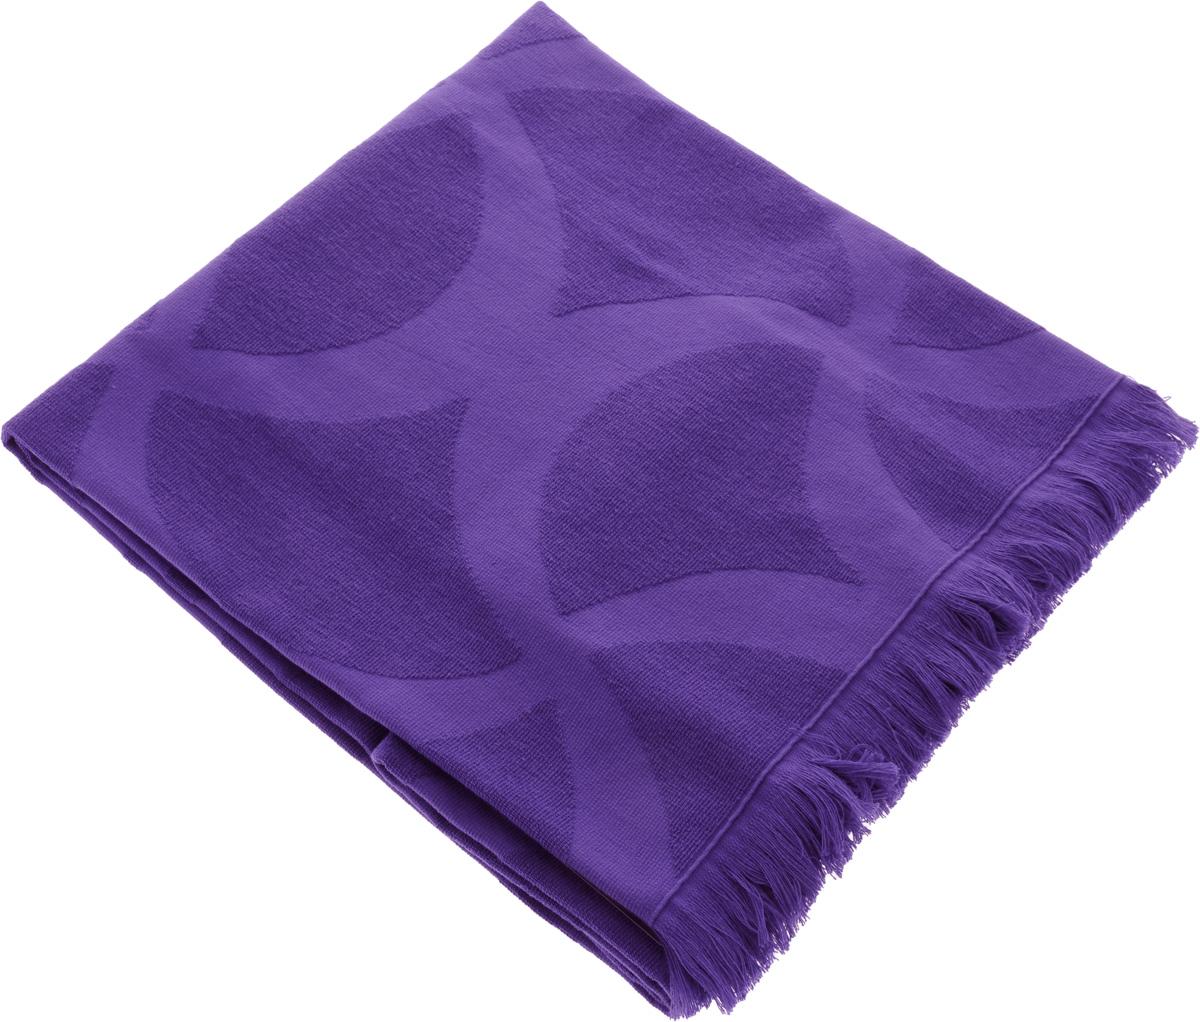 Полотенце Issimo Home Rondelle, цвет: фиолетовый, 90 x 180 см5007Полотенце Issimo Home Rondelle выполнено из 100% хлопка. Изделие отлично впитывает влагу, быстро сохнет, сохраняет яркость цвета и не теряет форму даже после многократных стирок. Полотенце очень практично и неприхотливо в уходе. Оно прекрасно дополнит интерьер ванной комнаты.